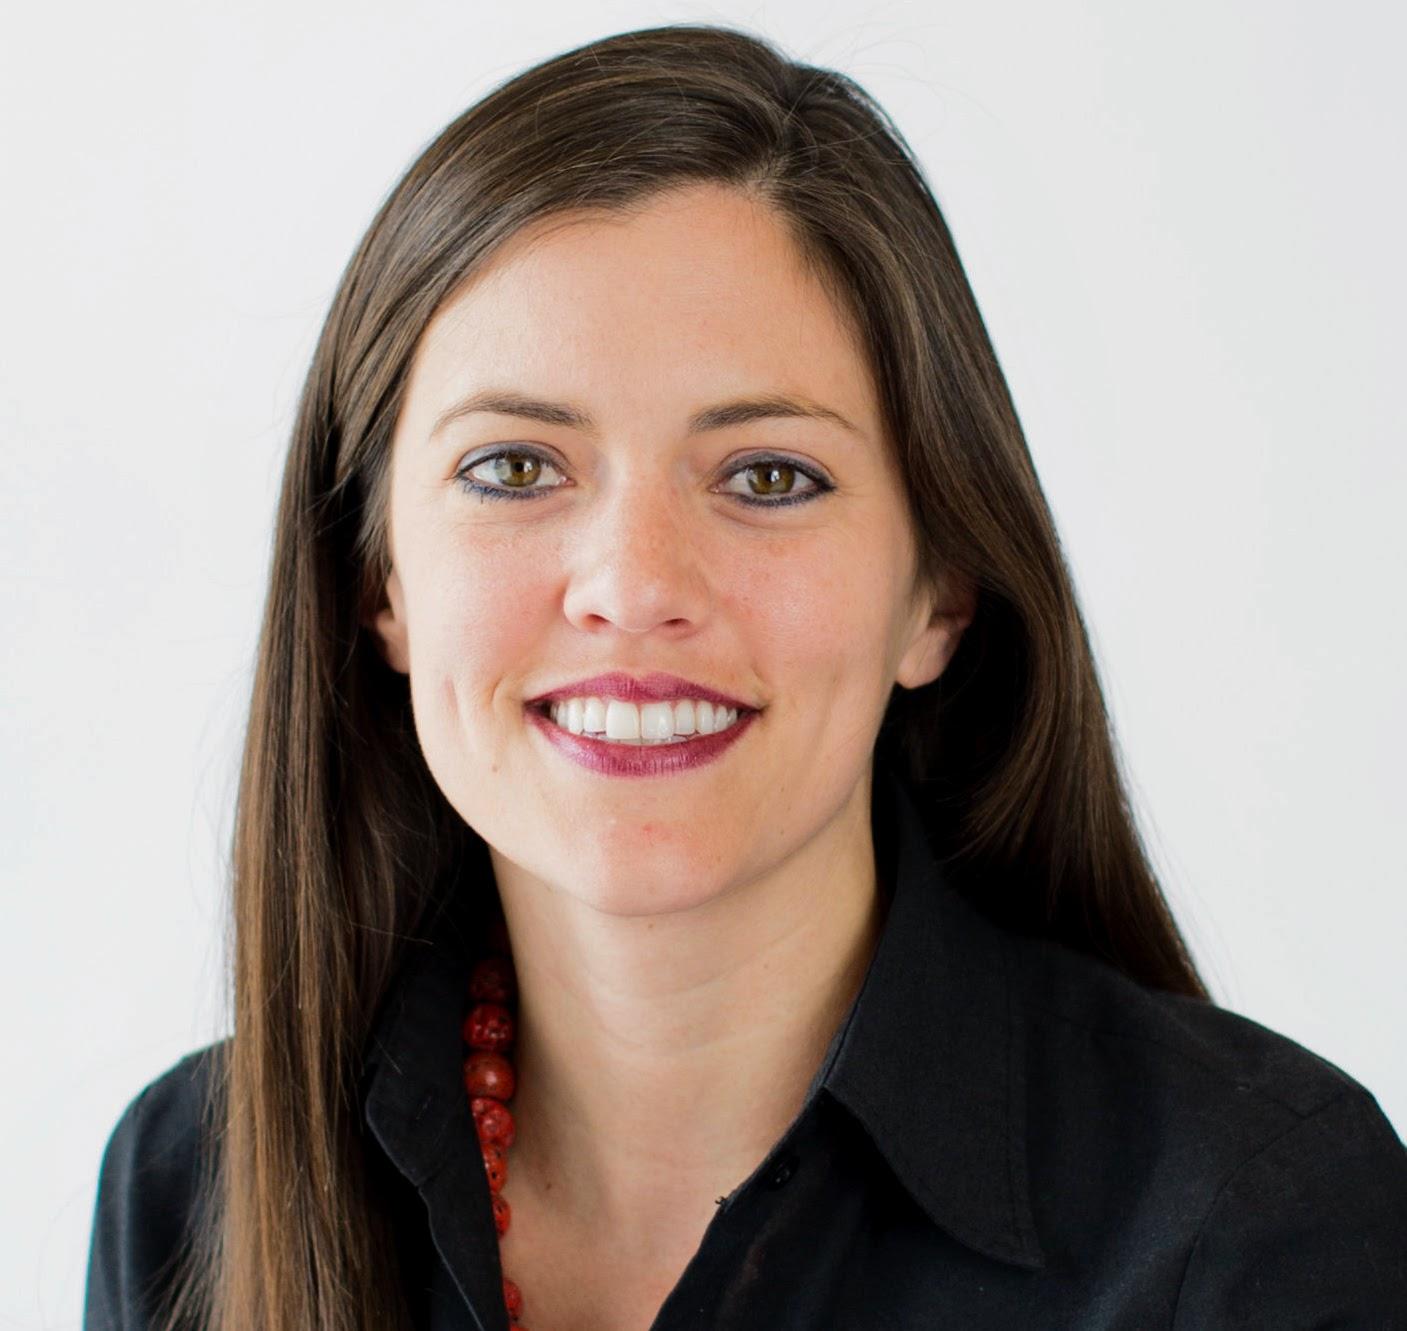 Image of Kristen Durham